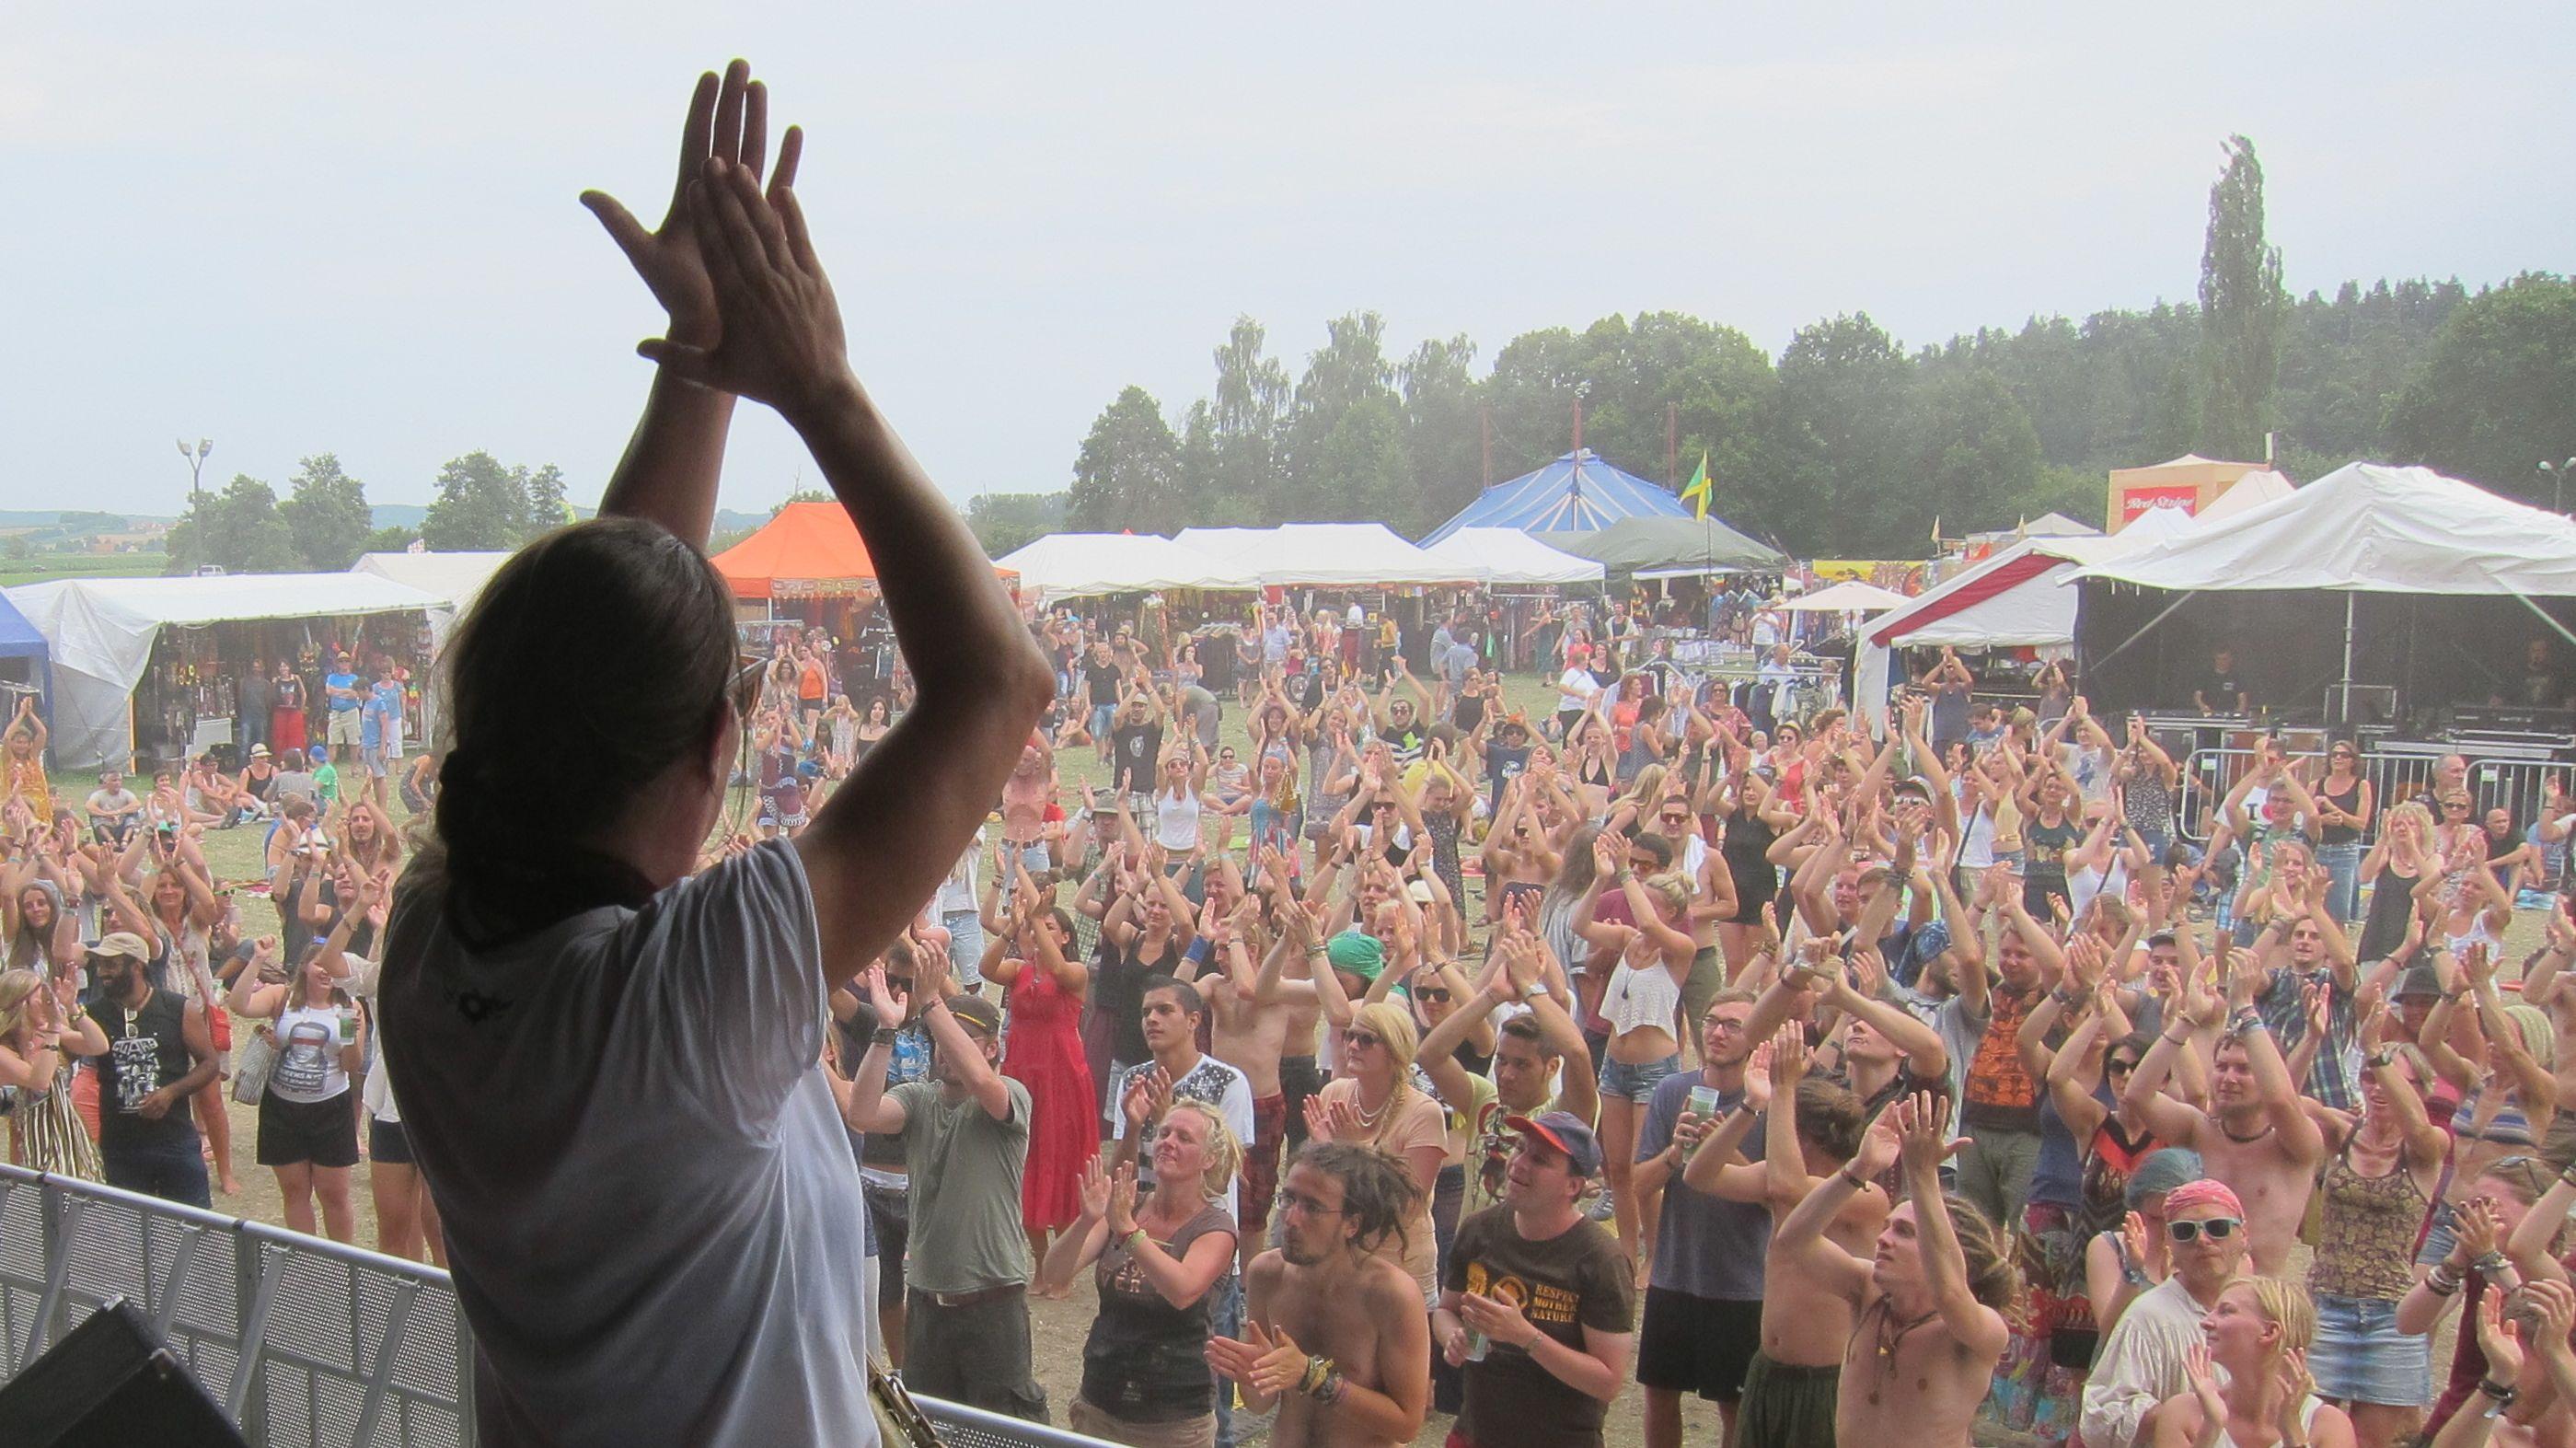 Festivalbesucher stehen vor einer Bühne